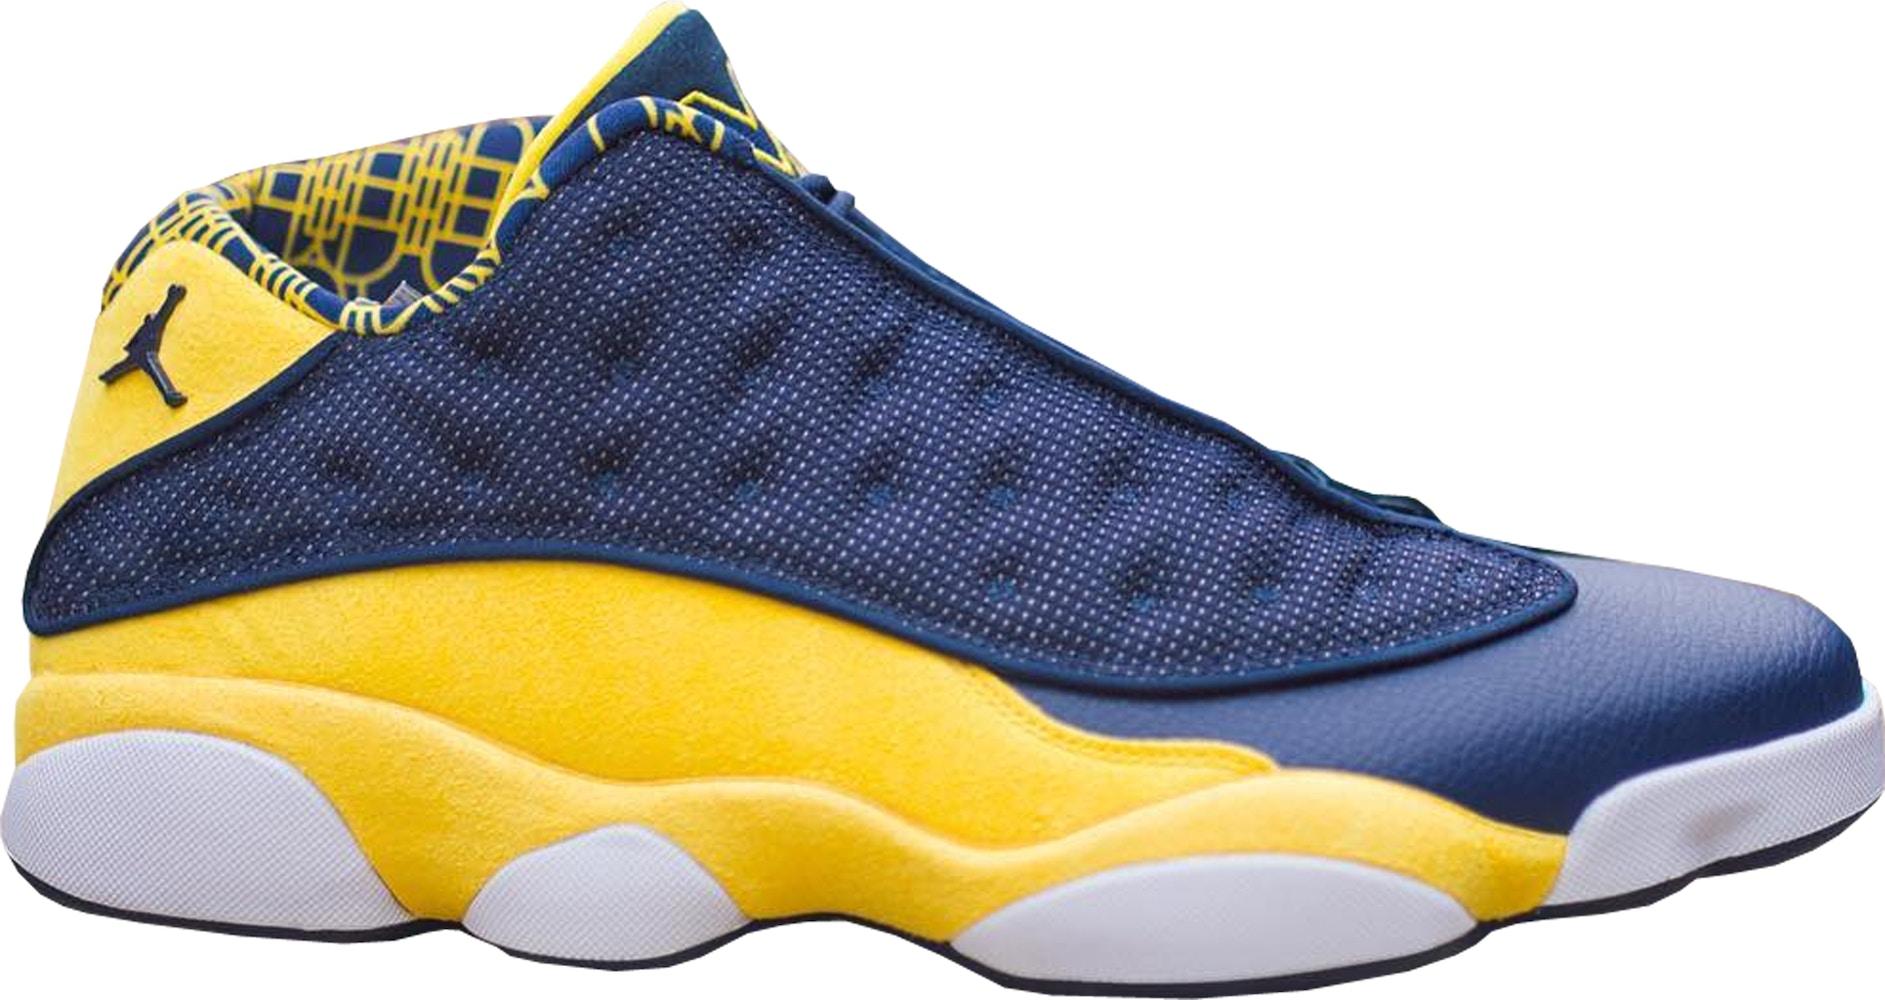 Jordan 13 Retro Low Michigan PE - Sneakers